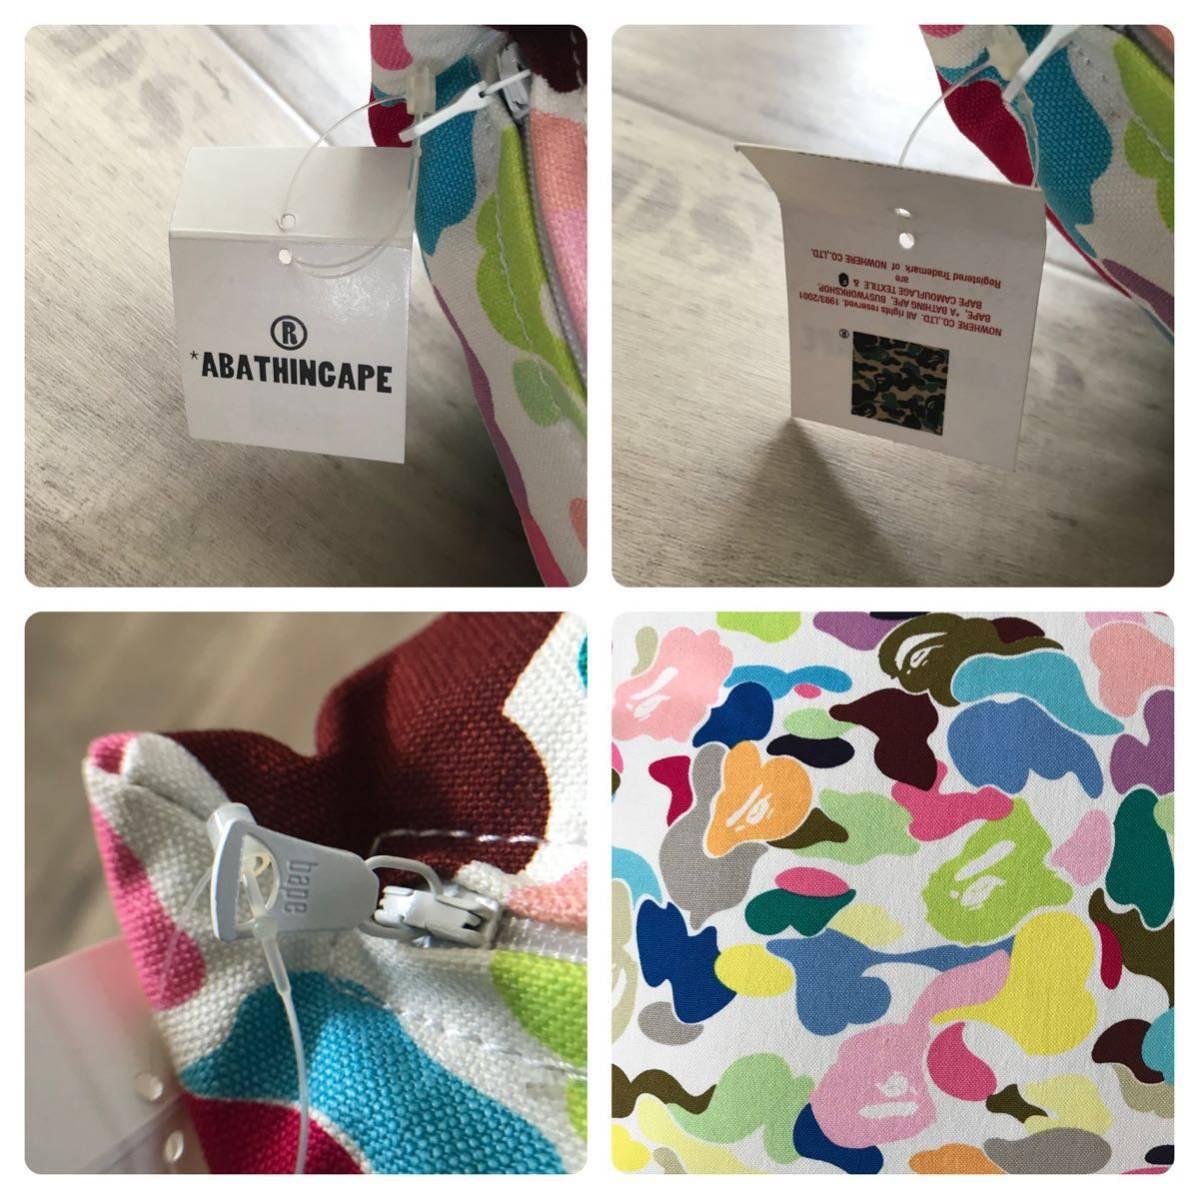 ★新品★ 初期 マルチカモ クッション a bathing ape BAPE multi camo cushion vintage candy エイプ ベイプ アベイシングエイプ nigo A